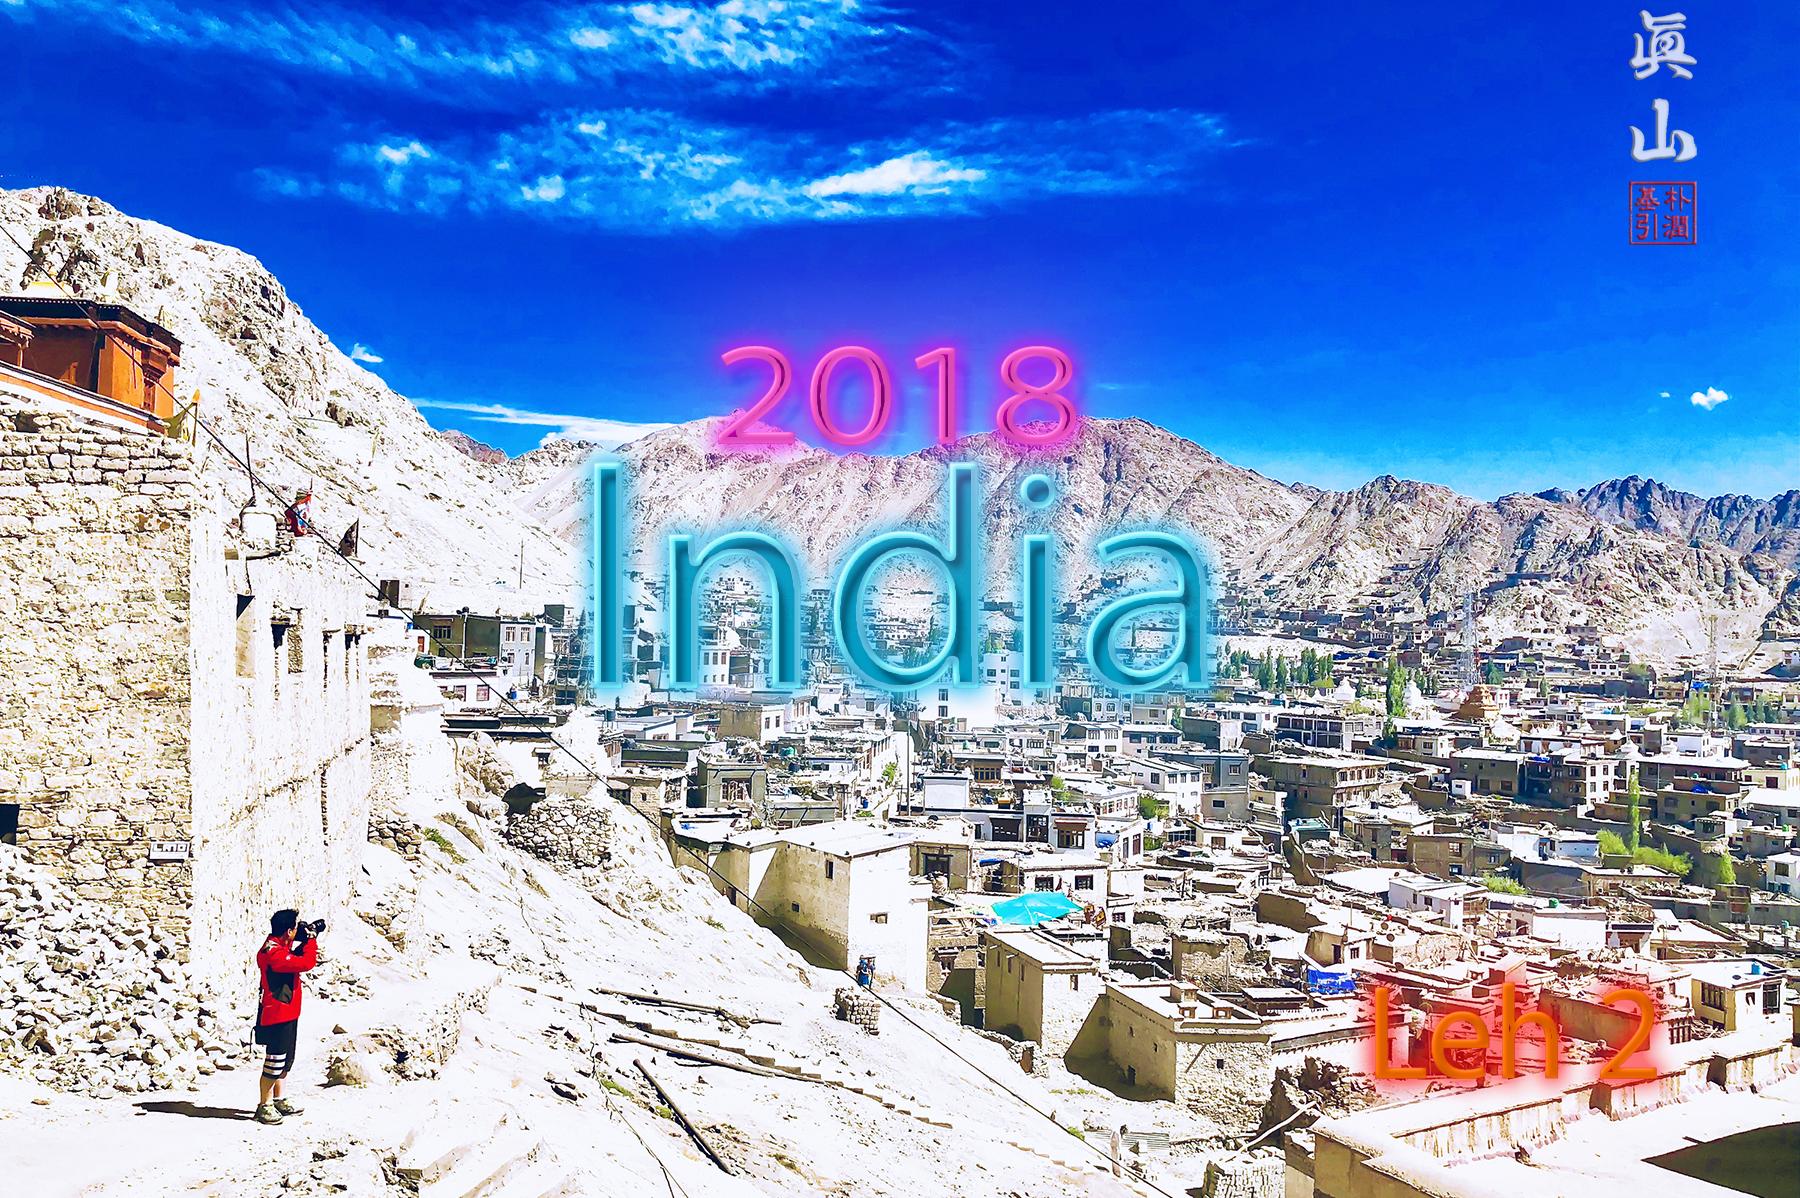 2018 India Tour - Leh 2, 8th day